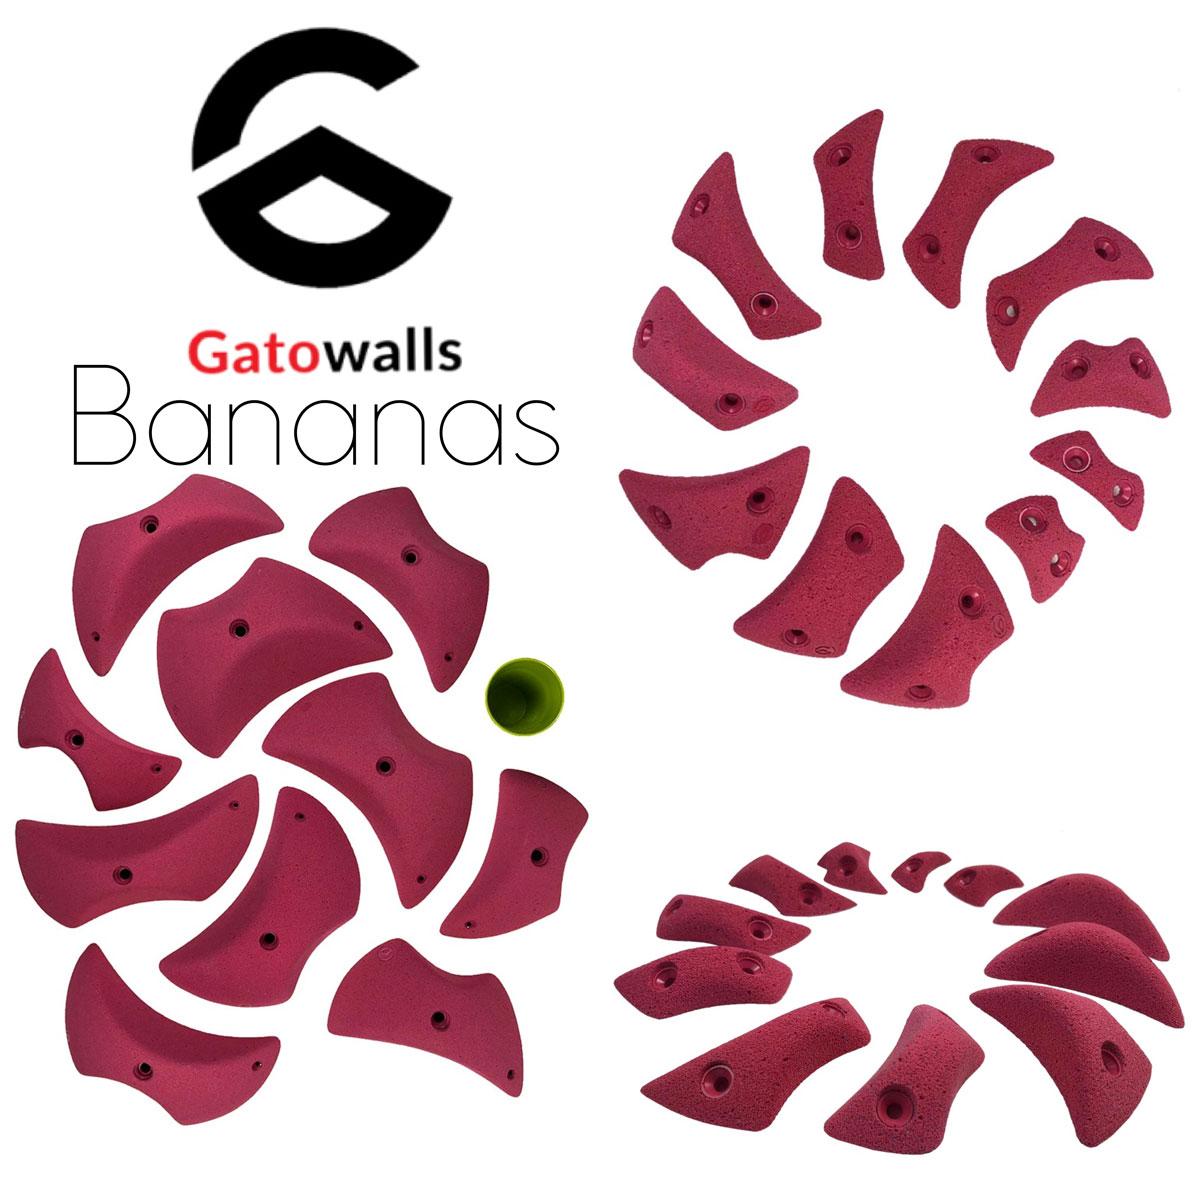 Gatowalls' Banana pinches